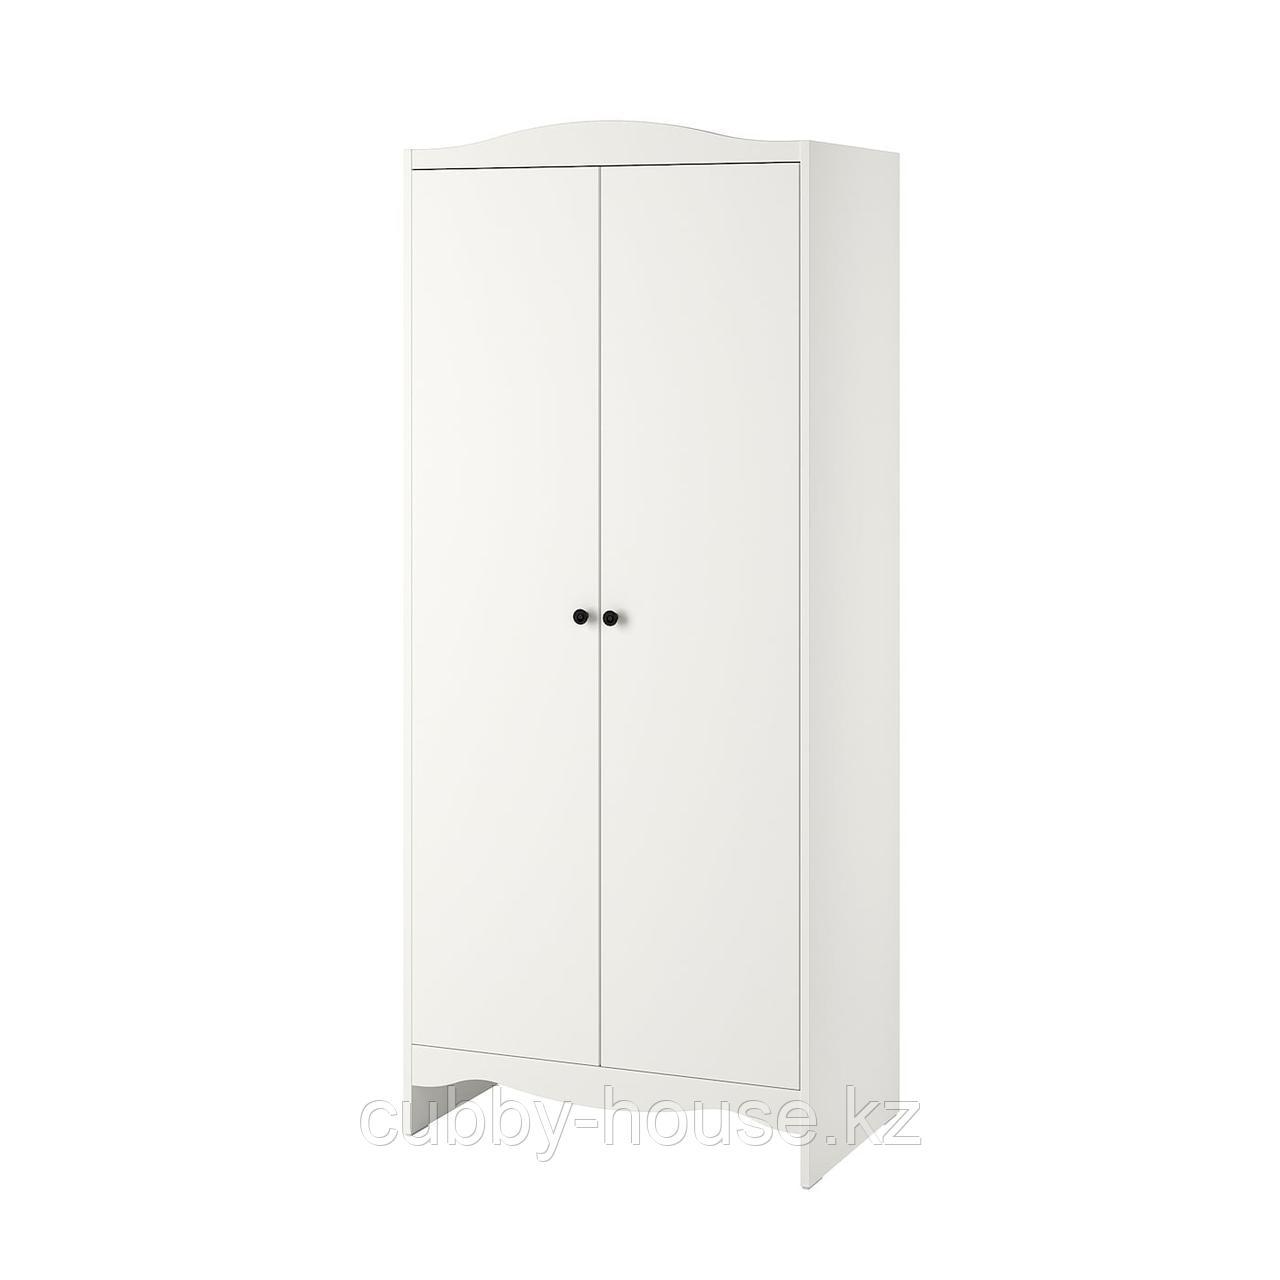 СМОГЁРА Шкаф платяной, белый, 80x50x187 см